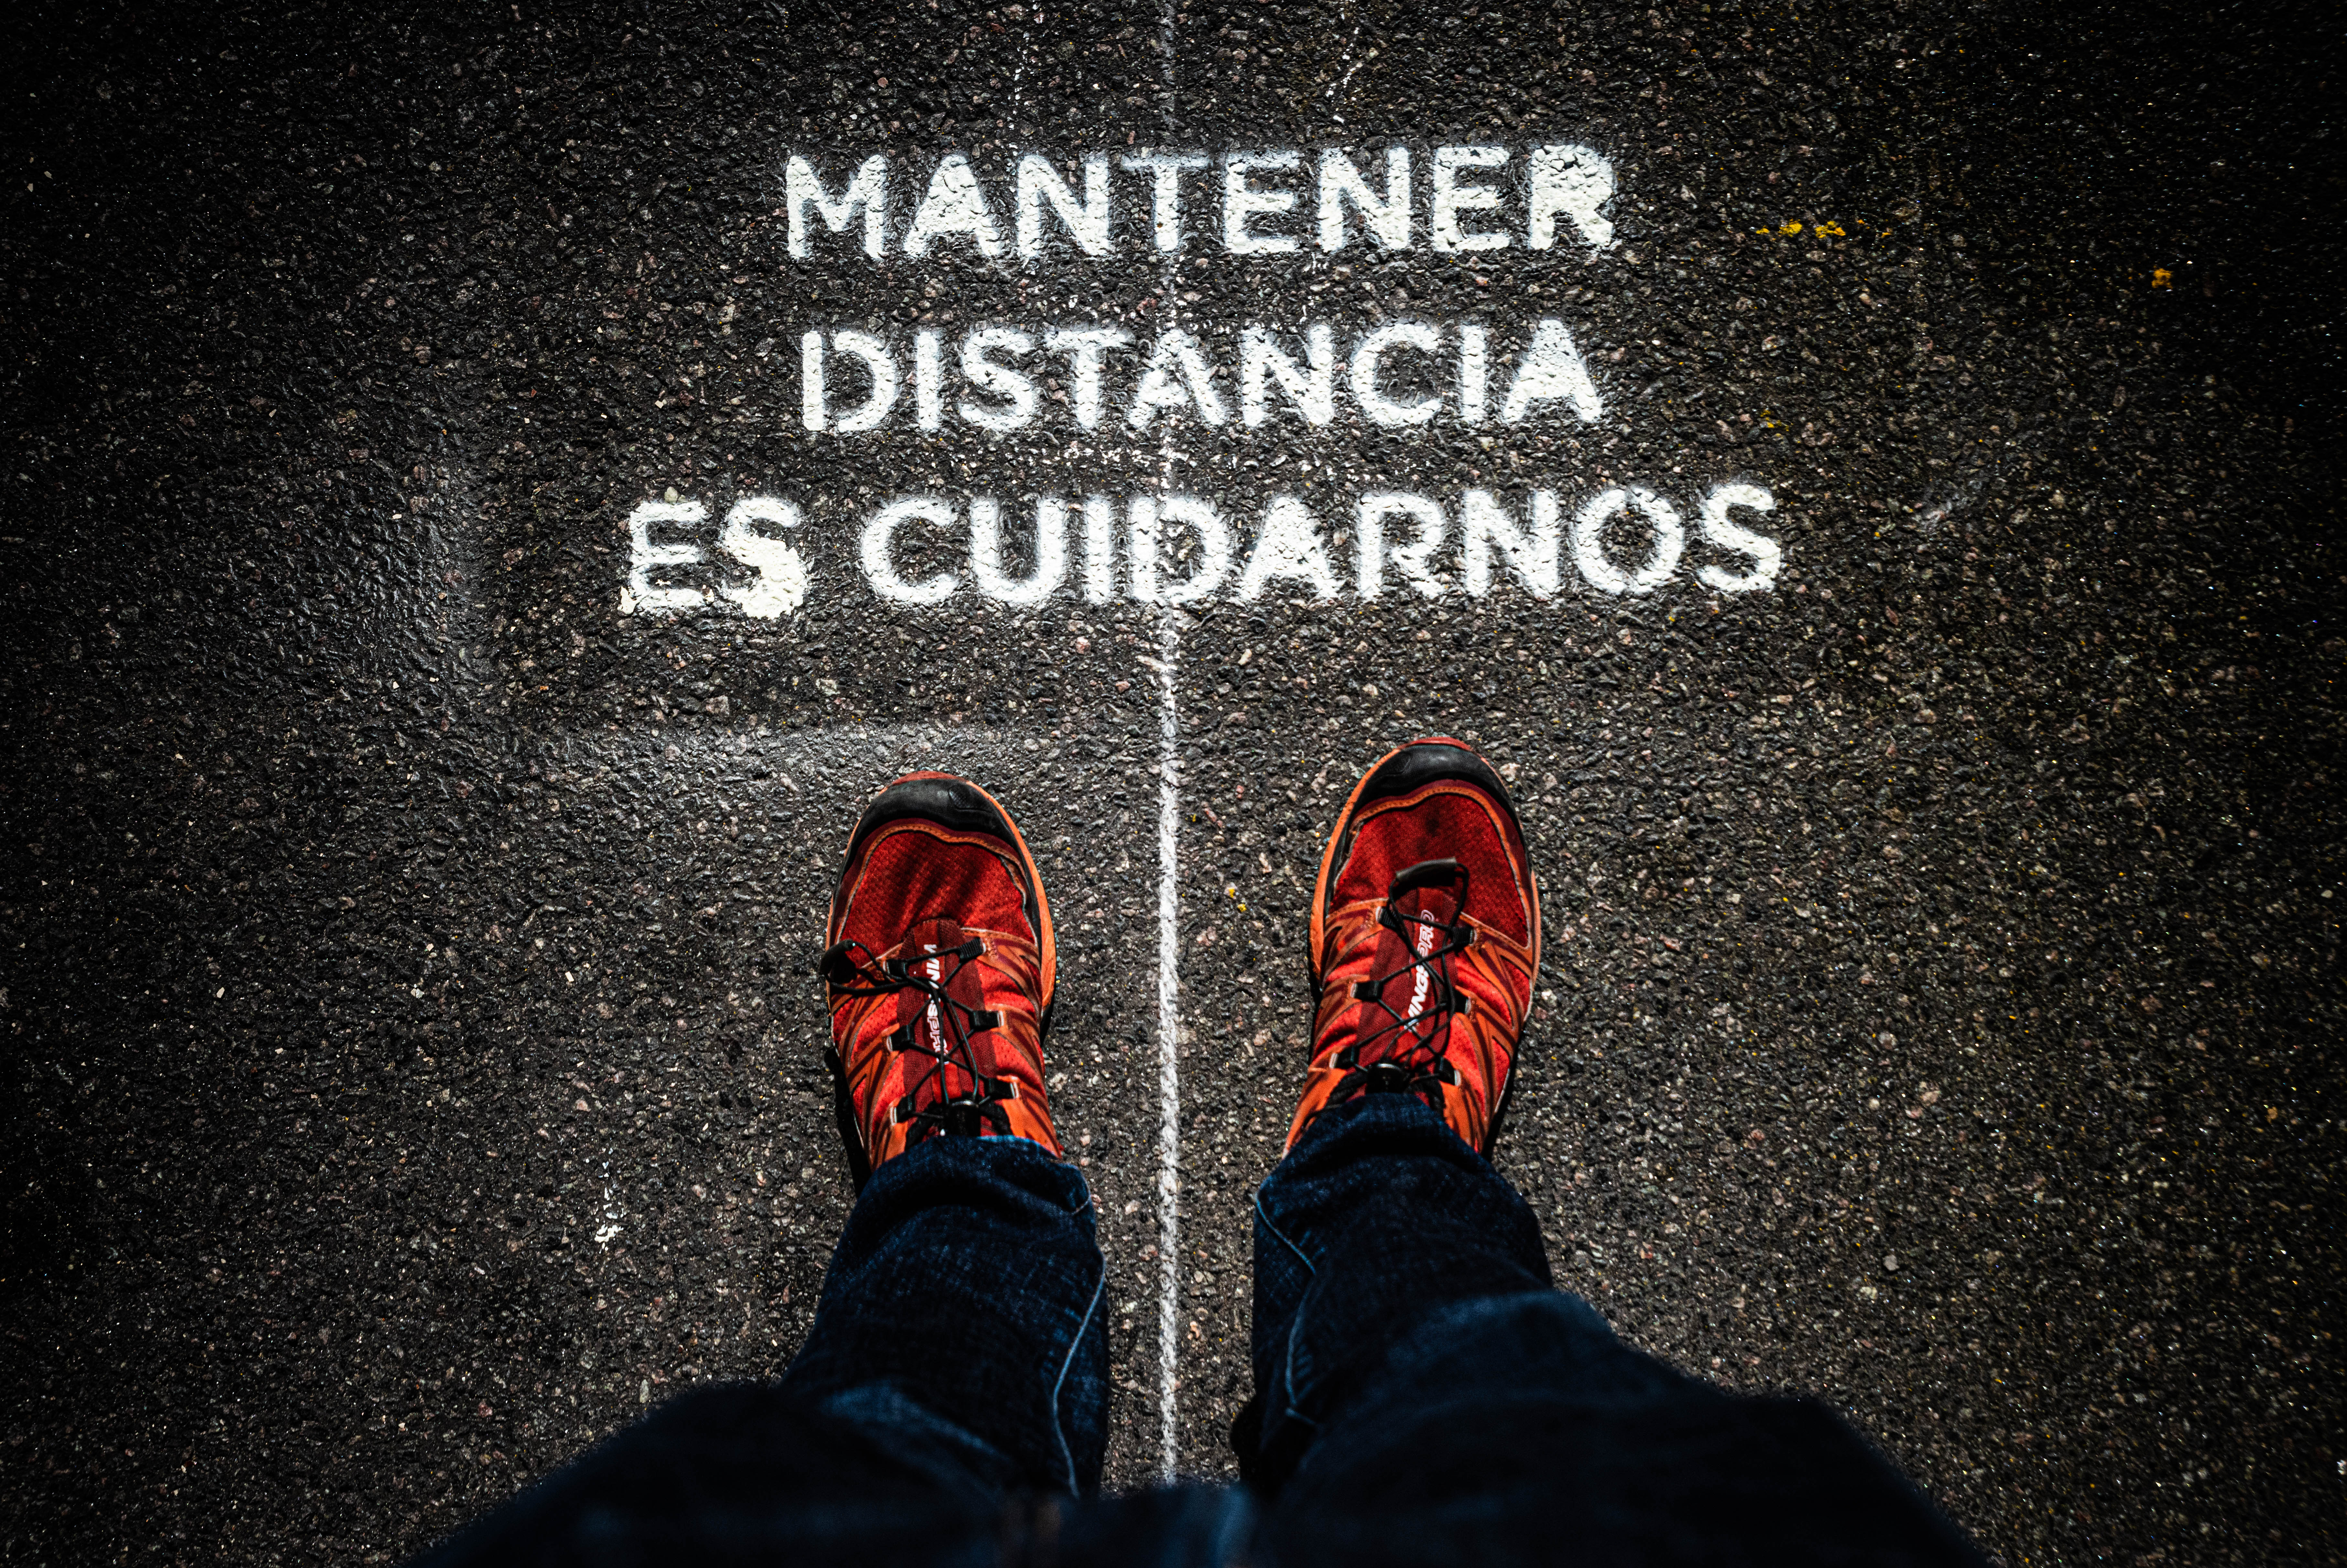 Están por todas partes. Pueden ser más explícitos como este cartel impreso en el piso, o a través de líneas o directamente la pintura de dos pies; pero todos indican que hay que mantener una distancia social de por lo menos 1,5 metros entre las personas para evitar el contagio de COVID-19.